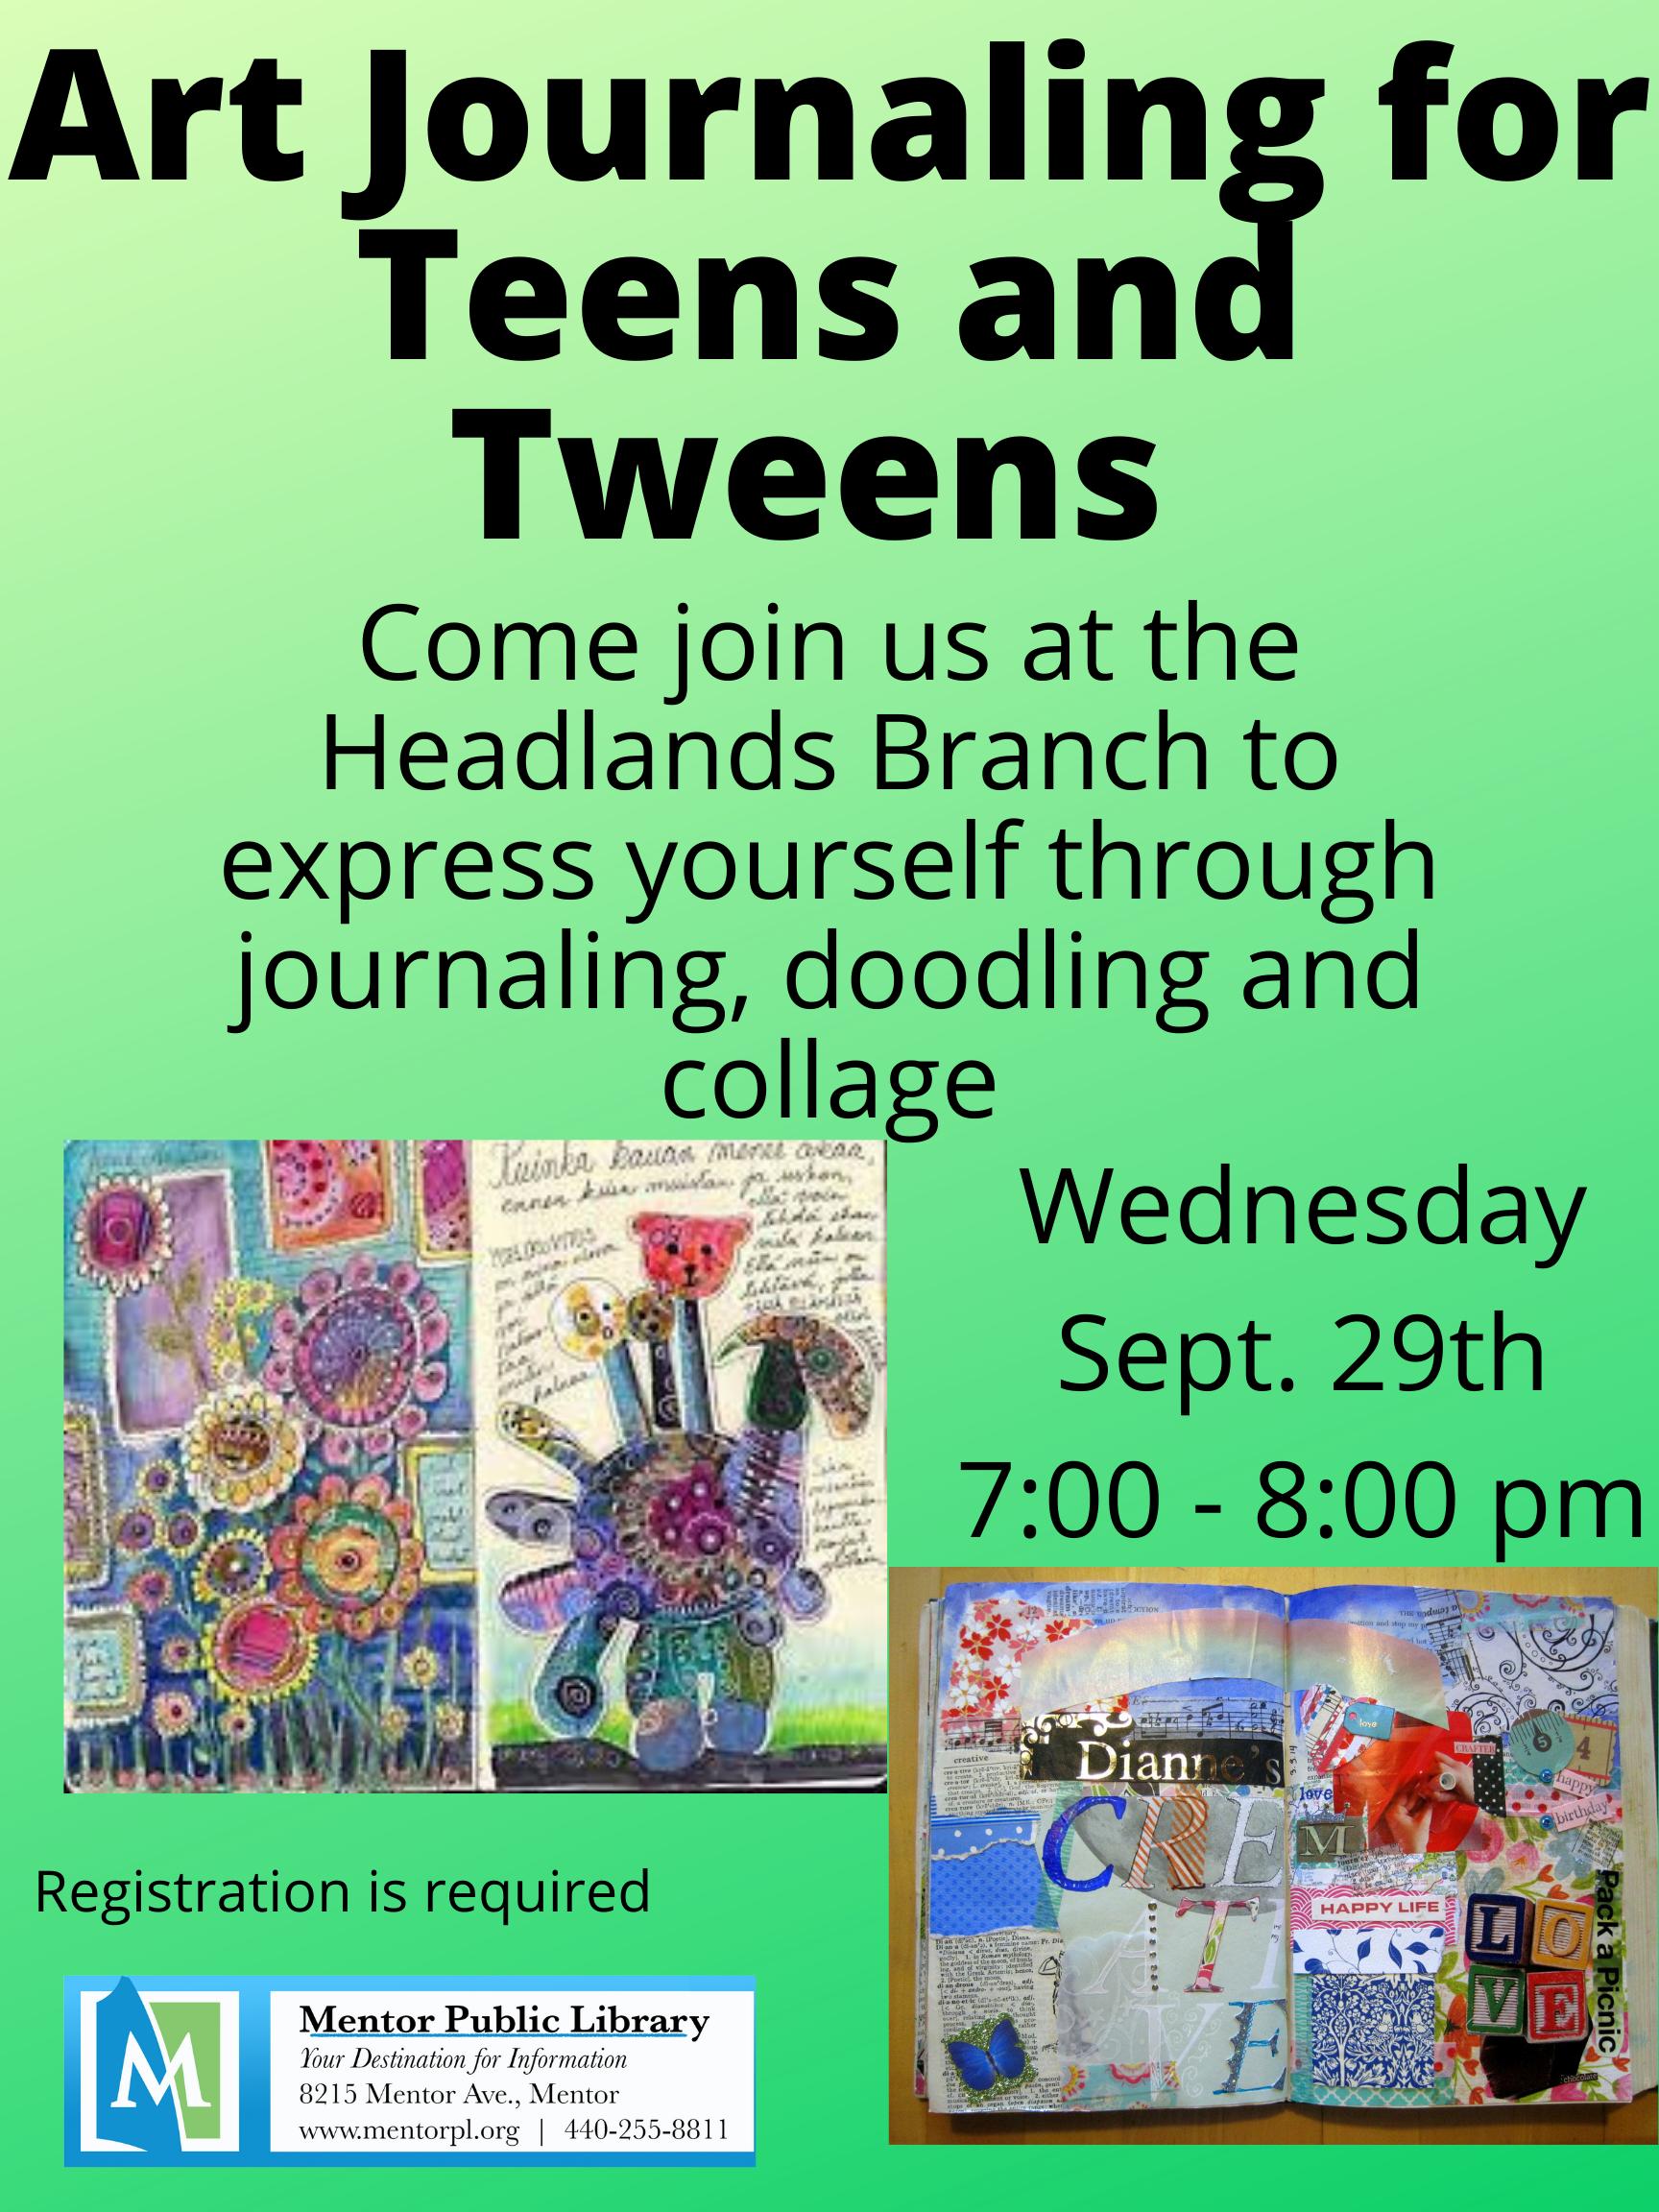 Art Journaling for Teens and Tweens